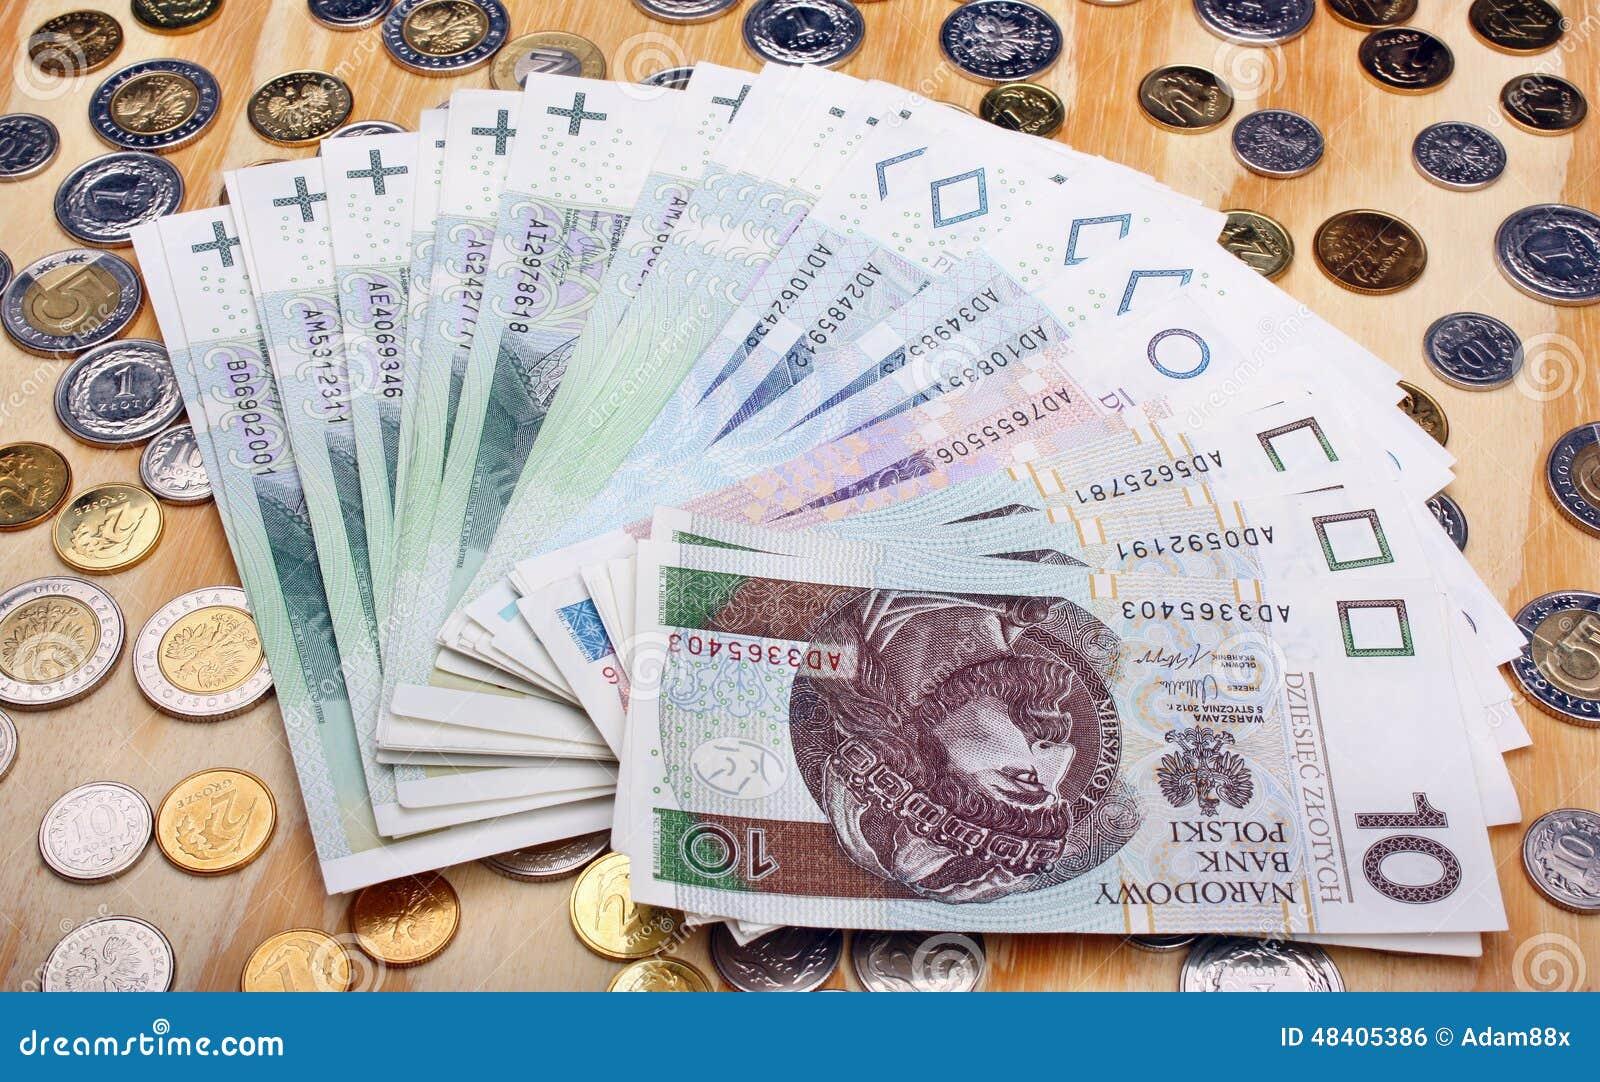 波兰币_波兰货币